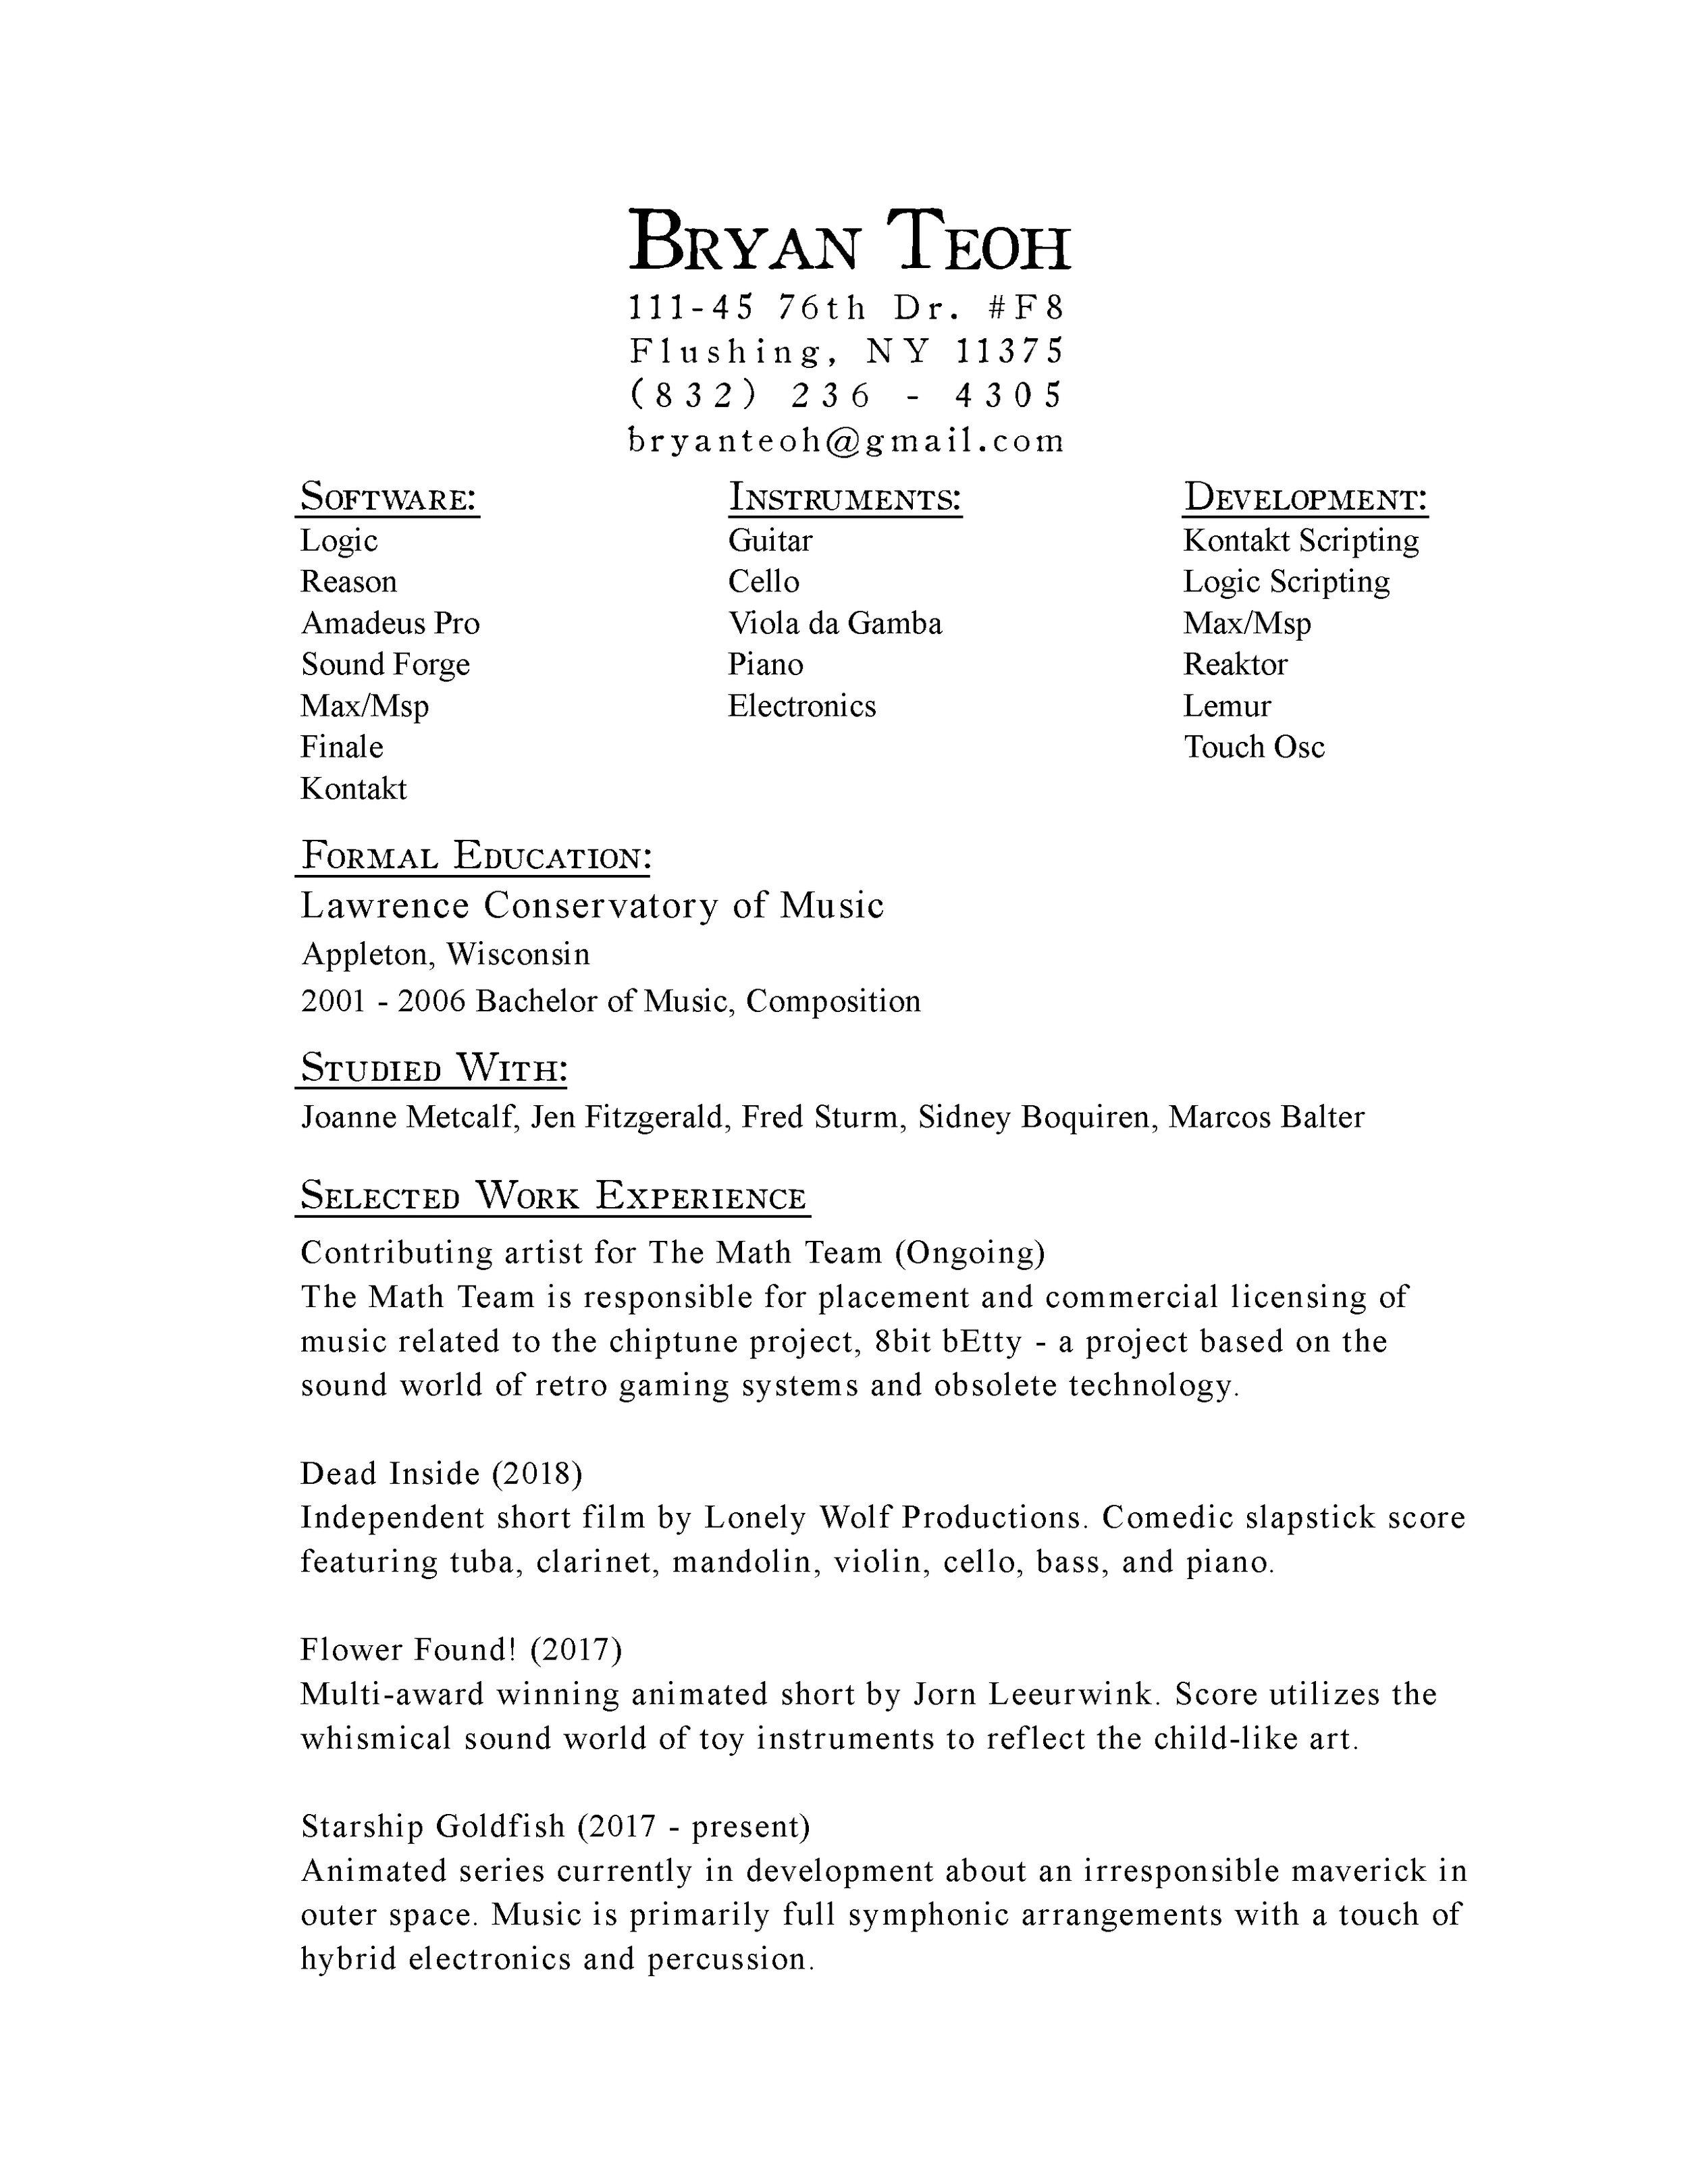 Resume pg 01